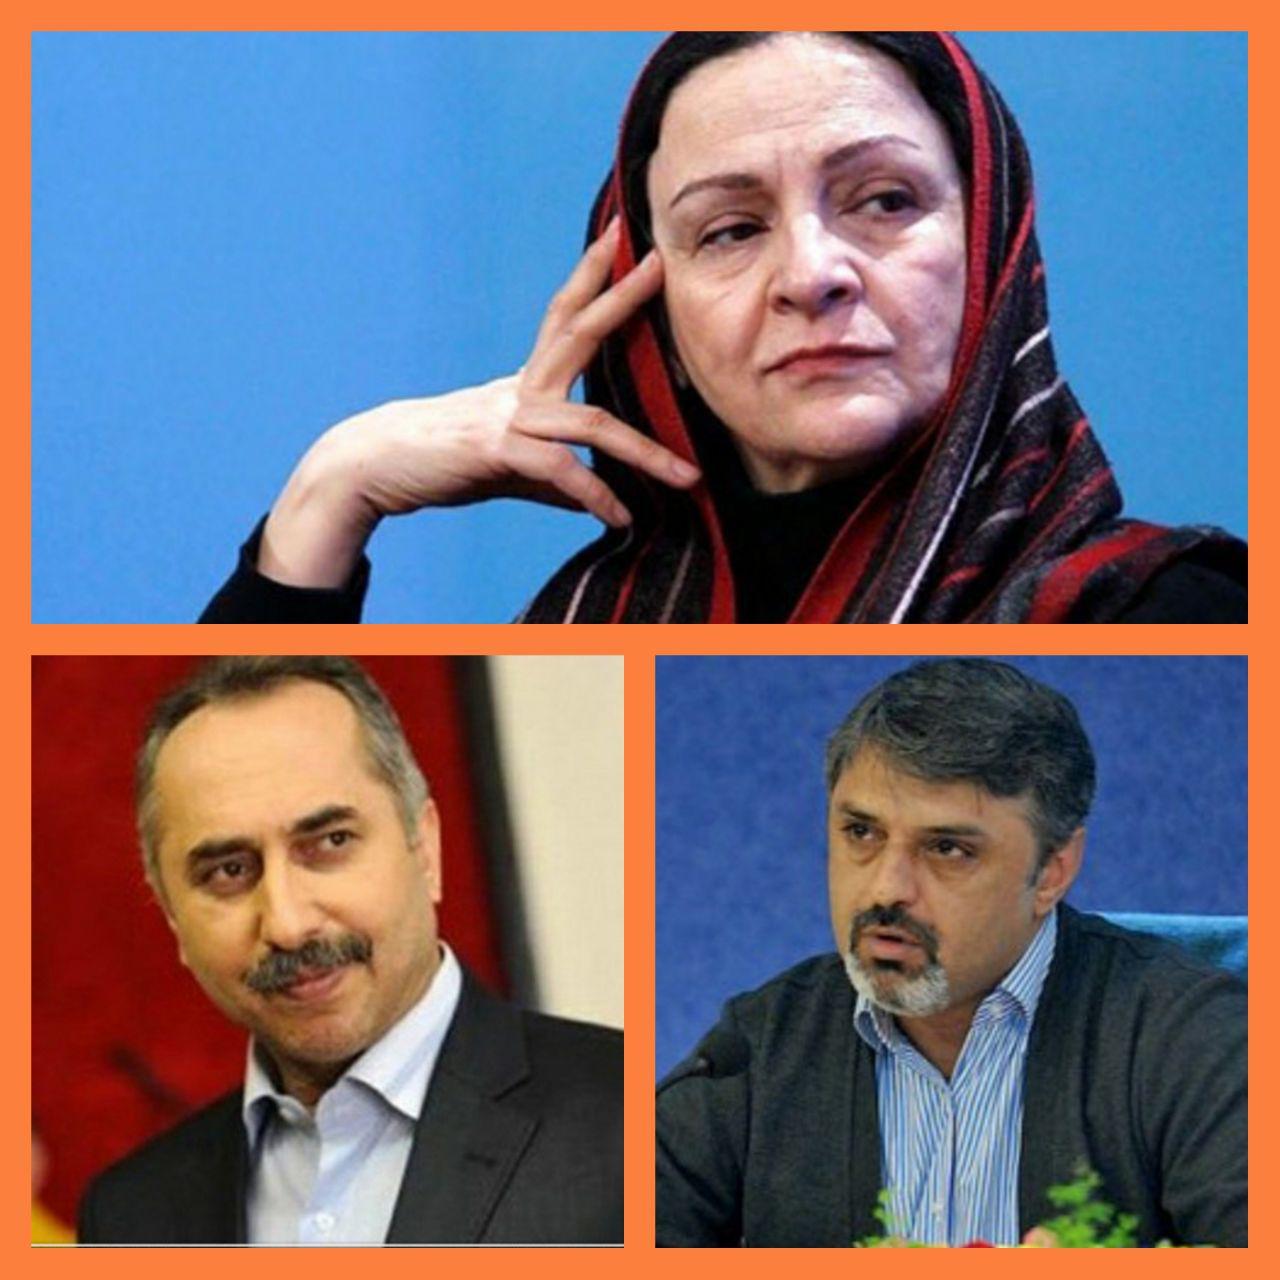 داوران جشنواره تئاتر خیابانی شهروند لاهیجان معرفی شدند